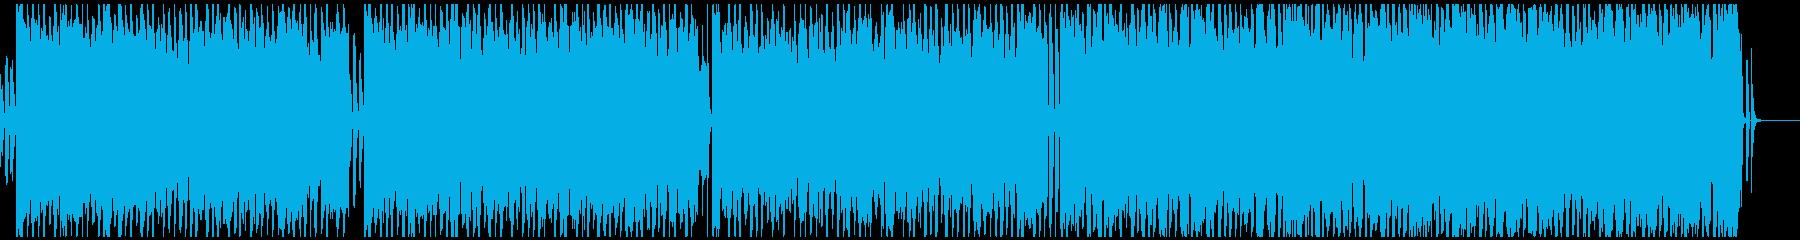 聖者の行進 クリスマス・ウクレレ・手拍子の再生済みの波形